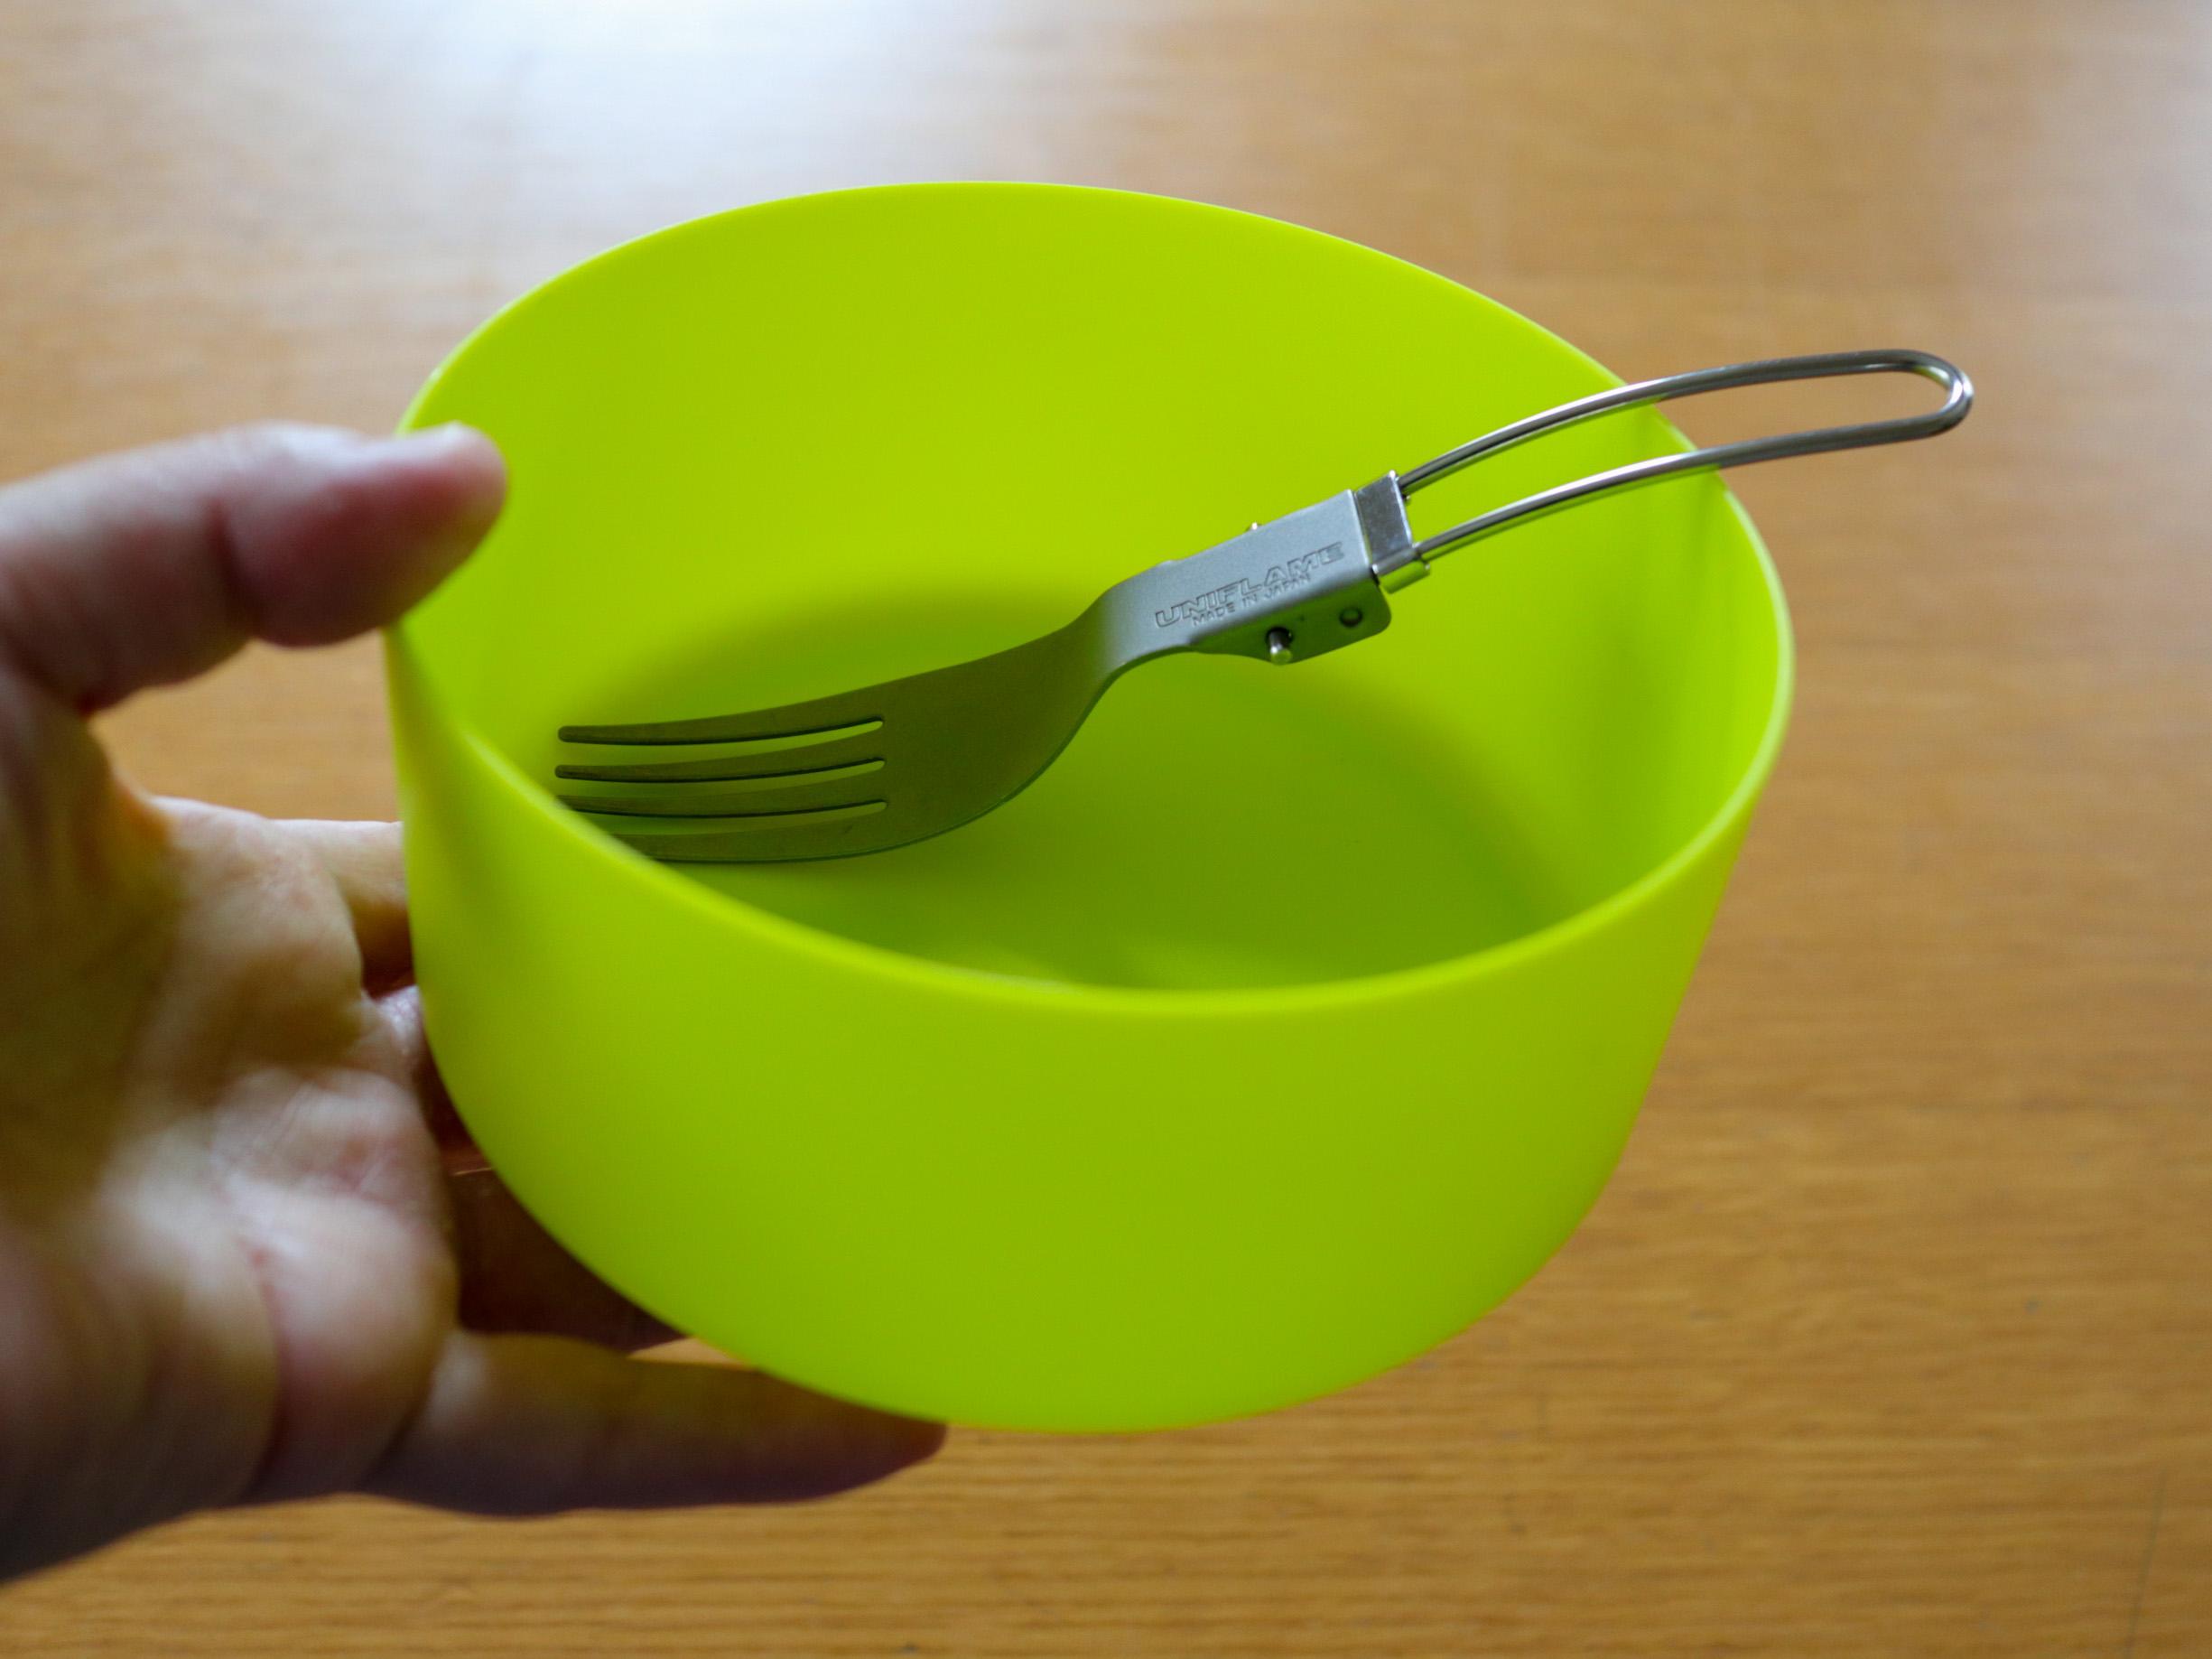 【ソロキャン用食器】MSRのディープディッシュボウルが、かるくて丈夫で手に持ちやすくてとても便利です。